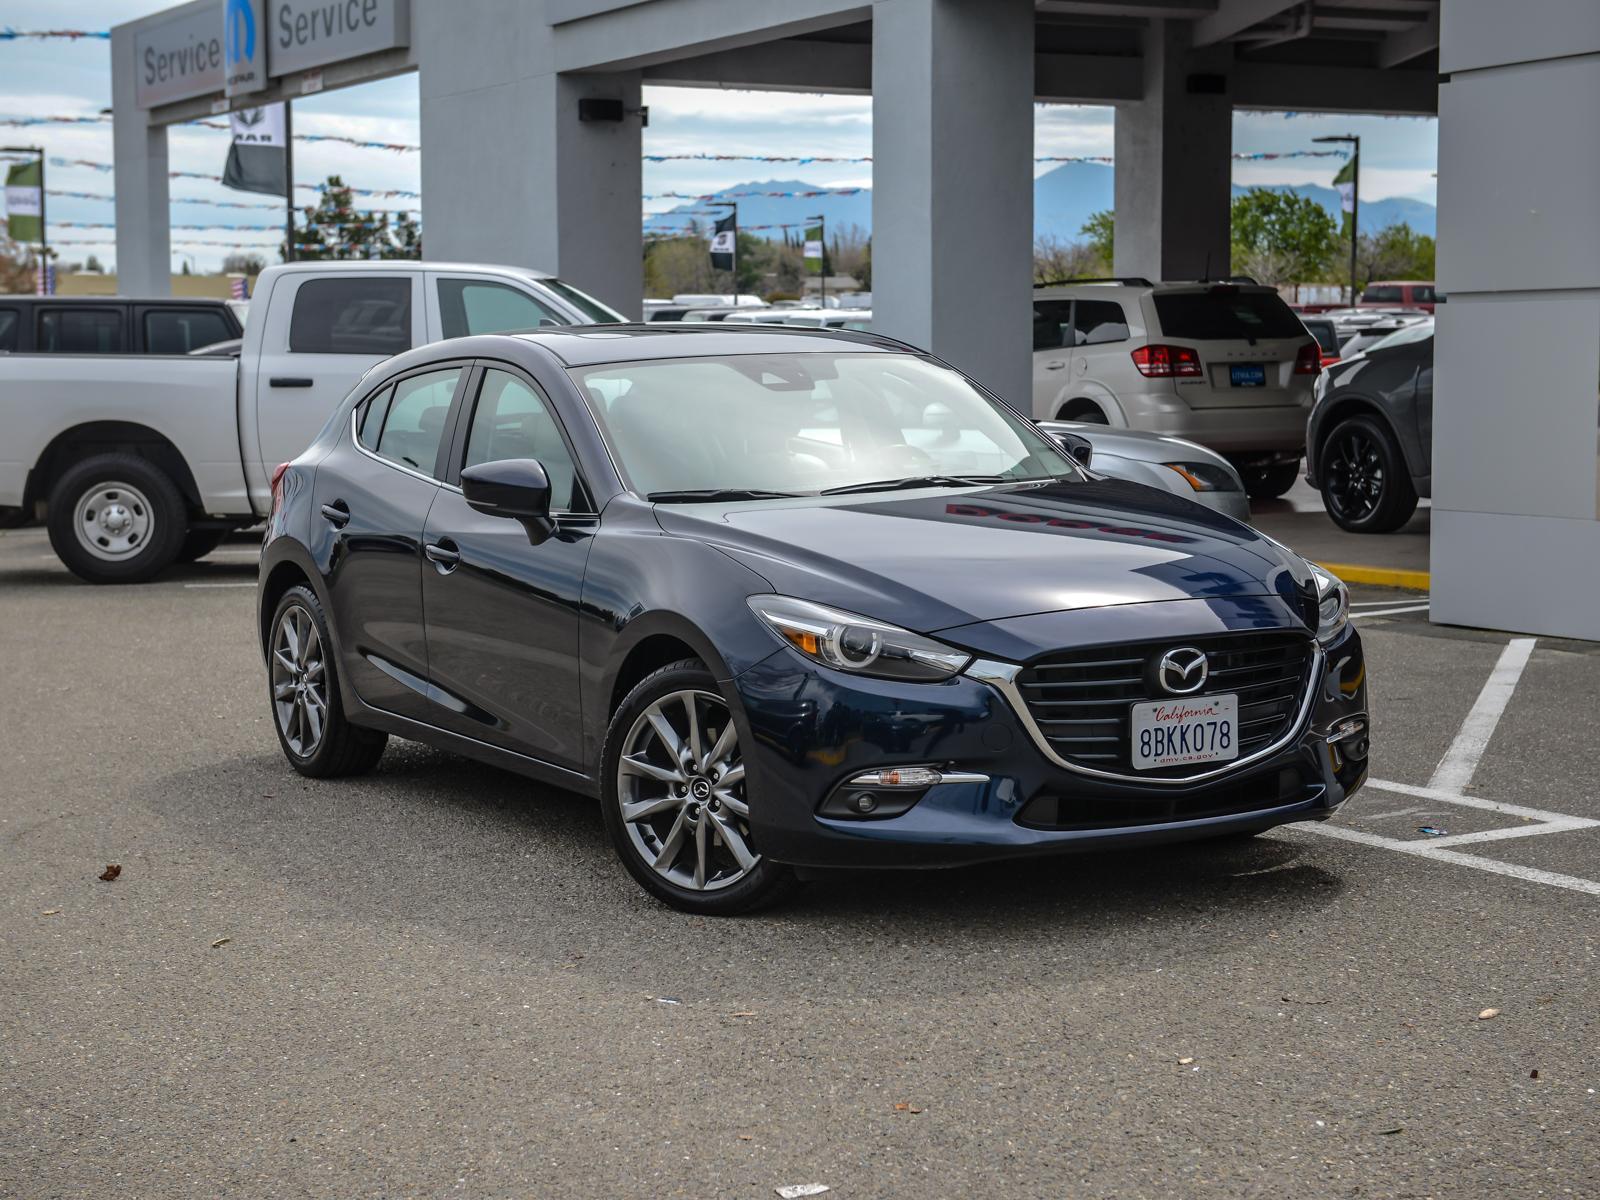 Used 2018 Mazda Mazda3 5-Door Grand Touring Auto Car Concord, CA